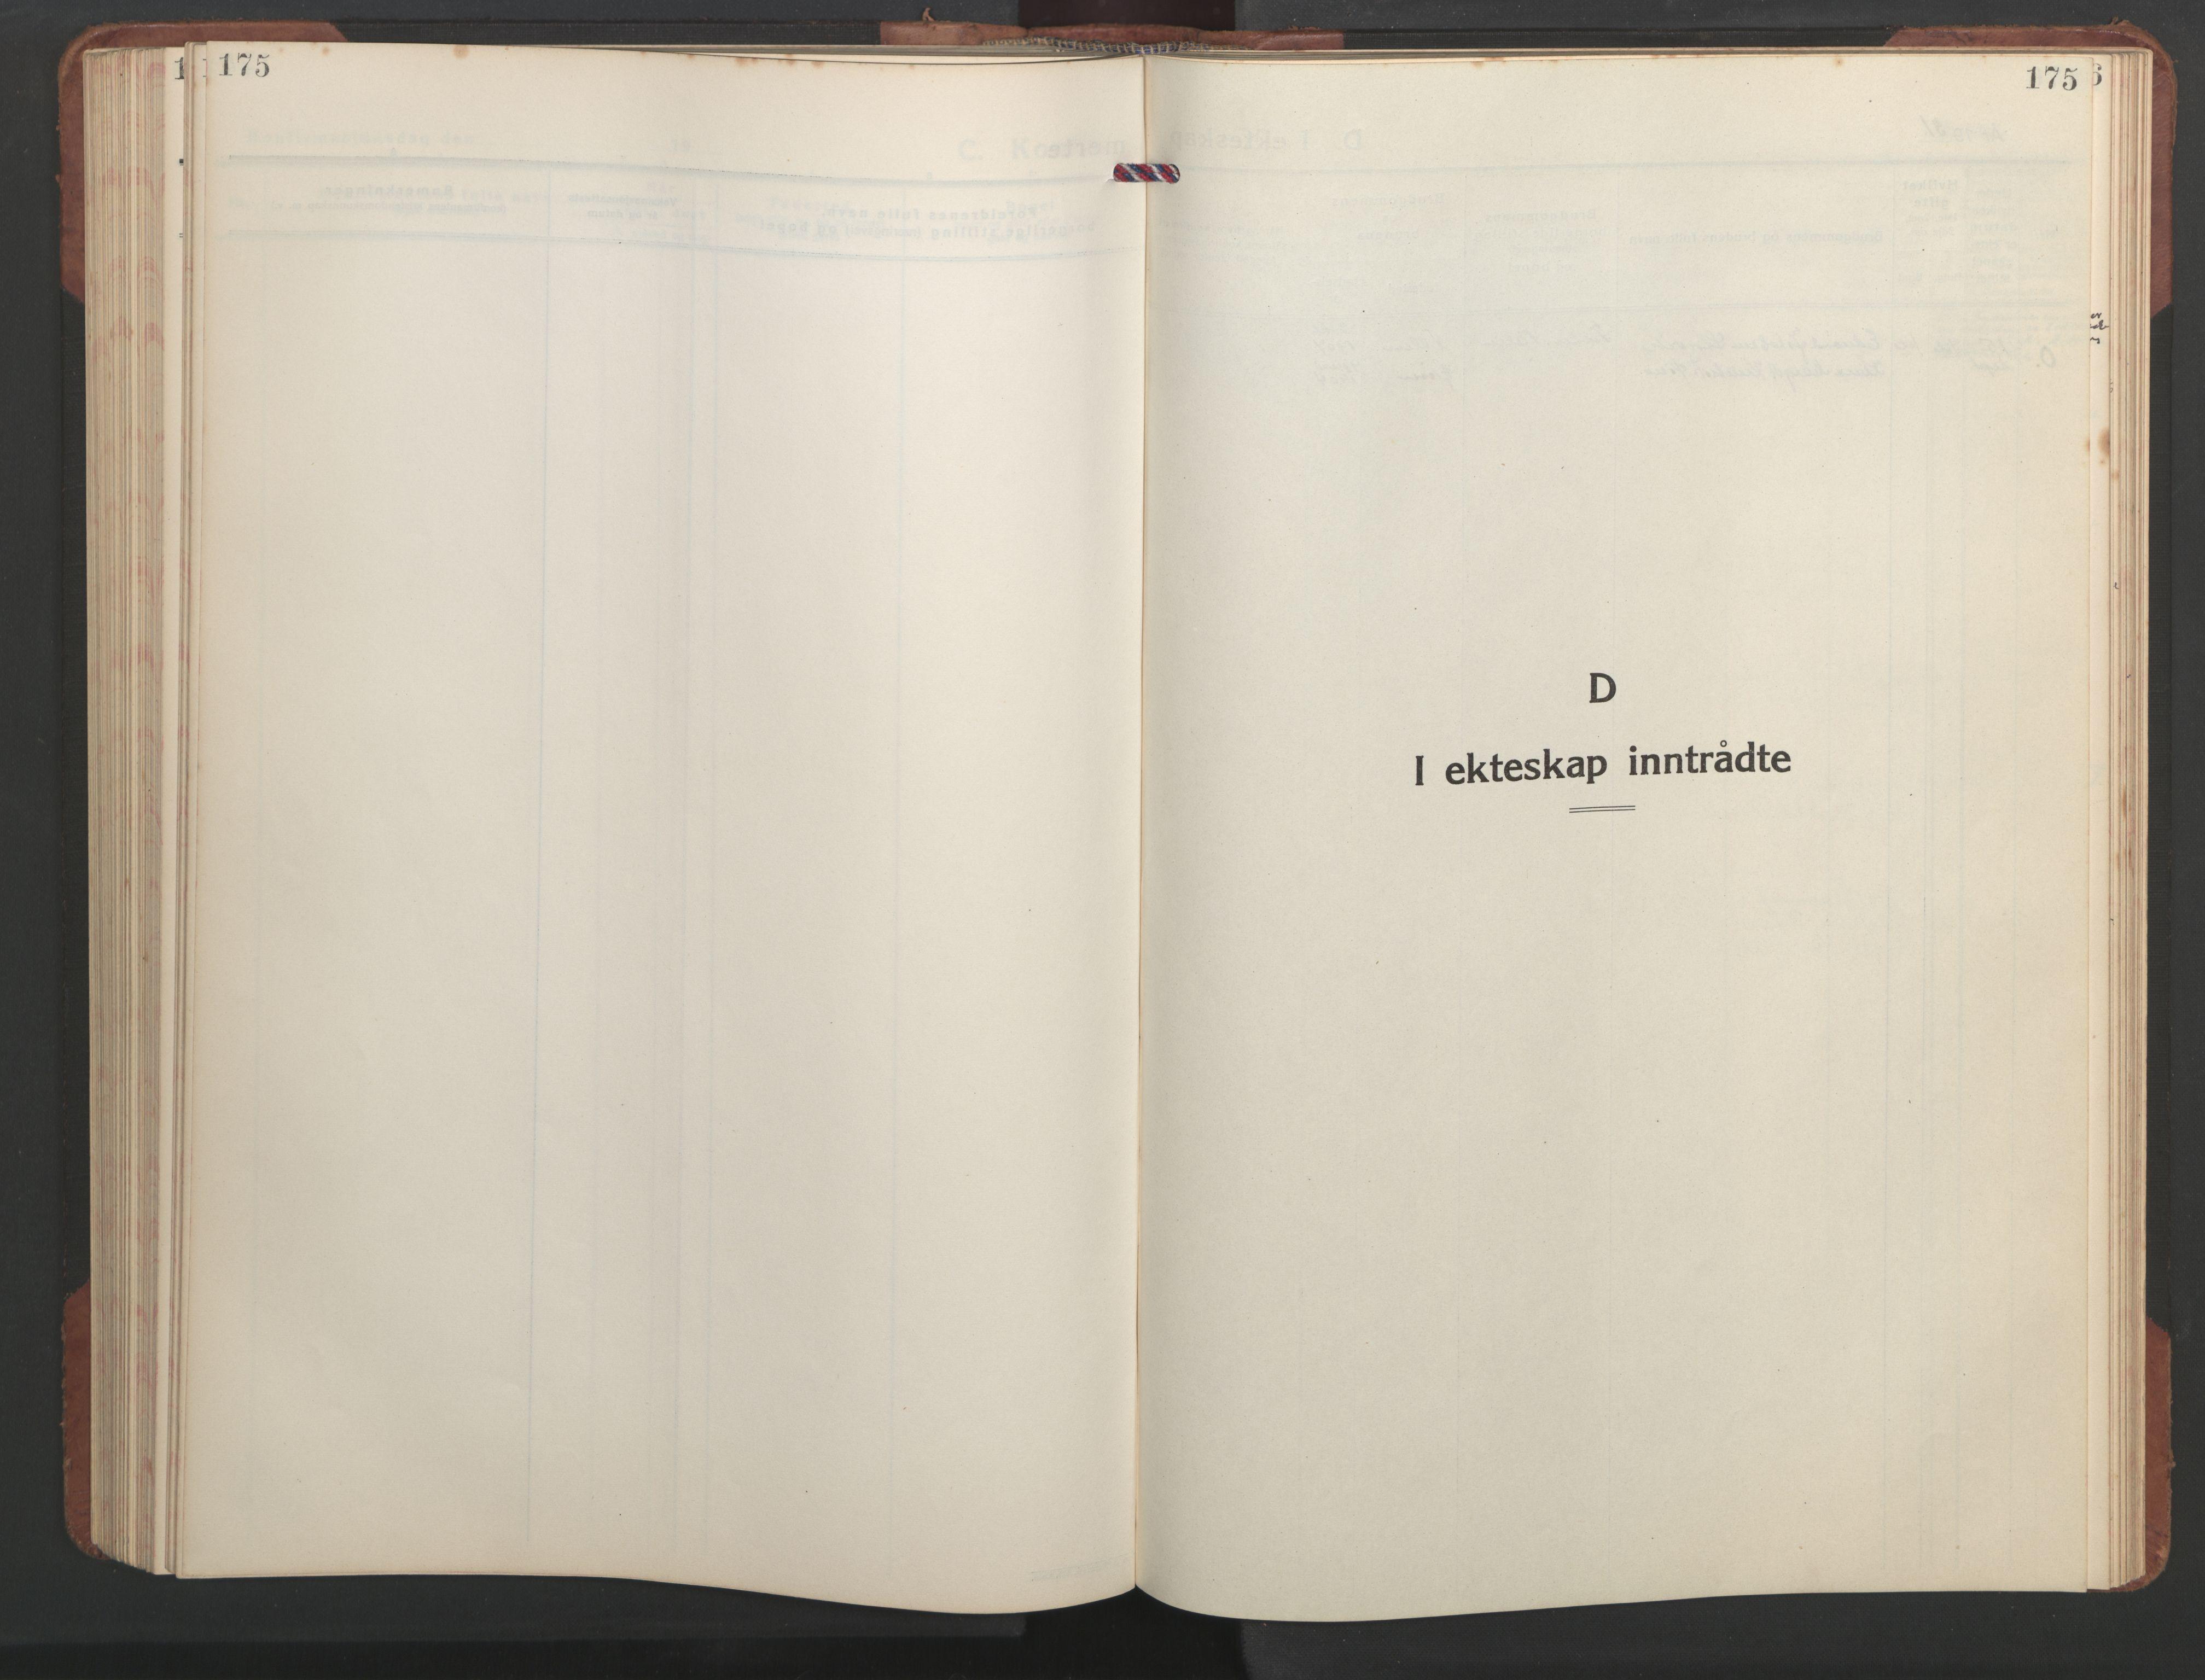 SAT, Ministerialprotokoller, klokkerbøker og fødselsregistre - Sør-Trøndelag, 637/L0564: Klokkerbok nr. 637C05, 1928-1968, s. 175